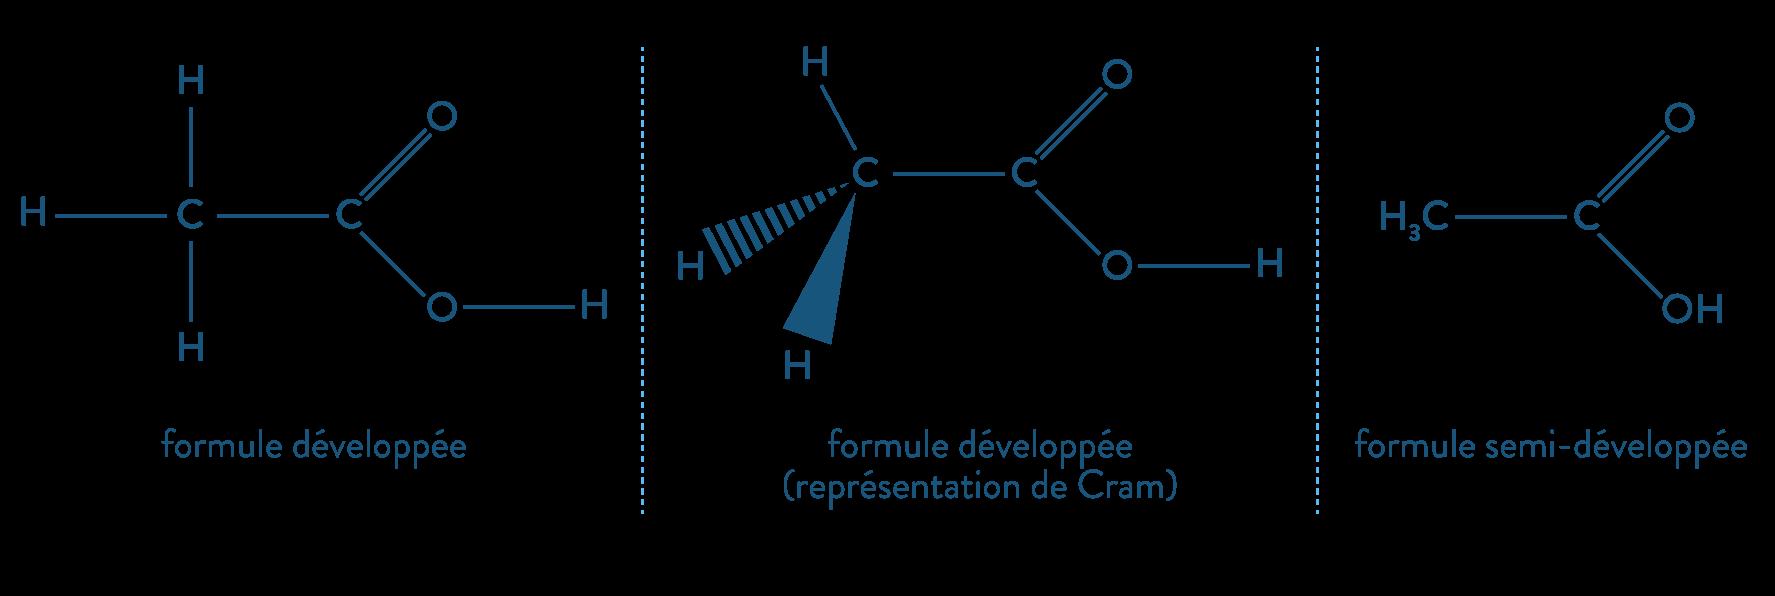 physique chimie première réforme représentation molécules nomenclature Cram formule développée semi-développée